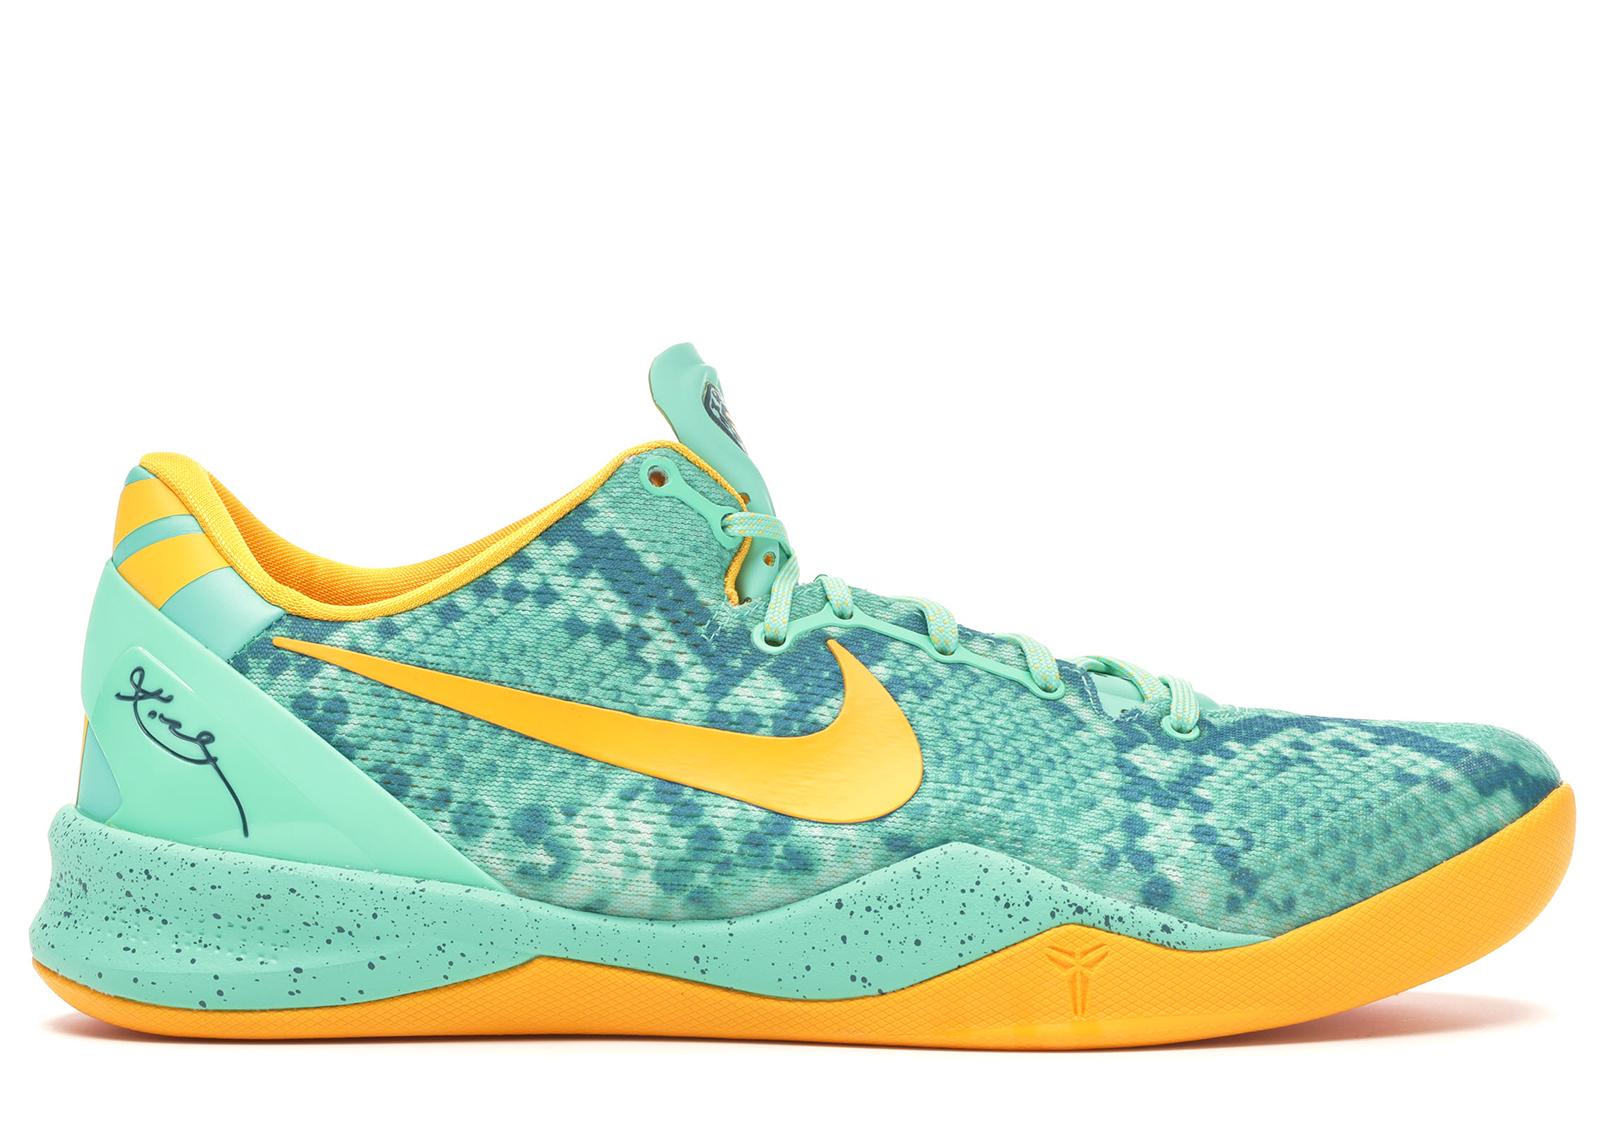 Nike Kobe 8 System Green Glow Laser Orange - 555035-304